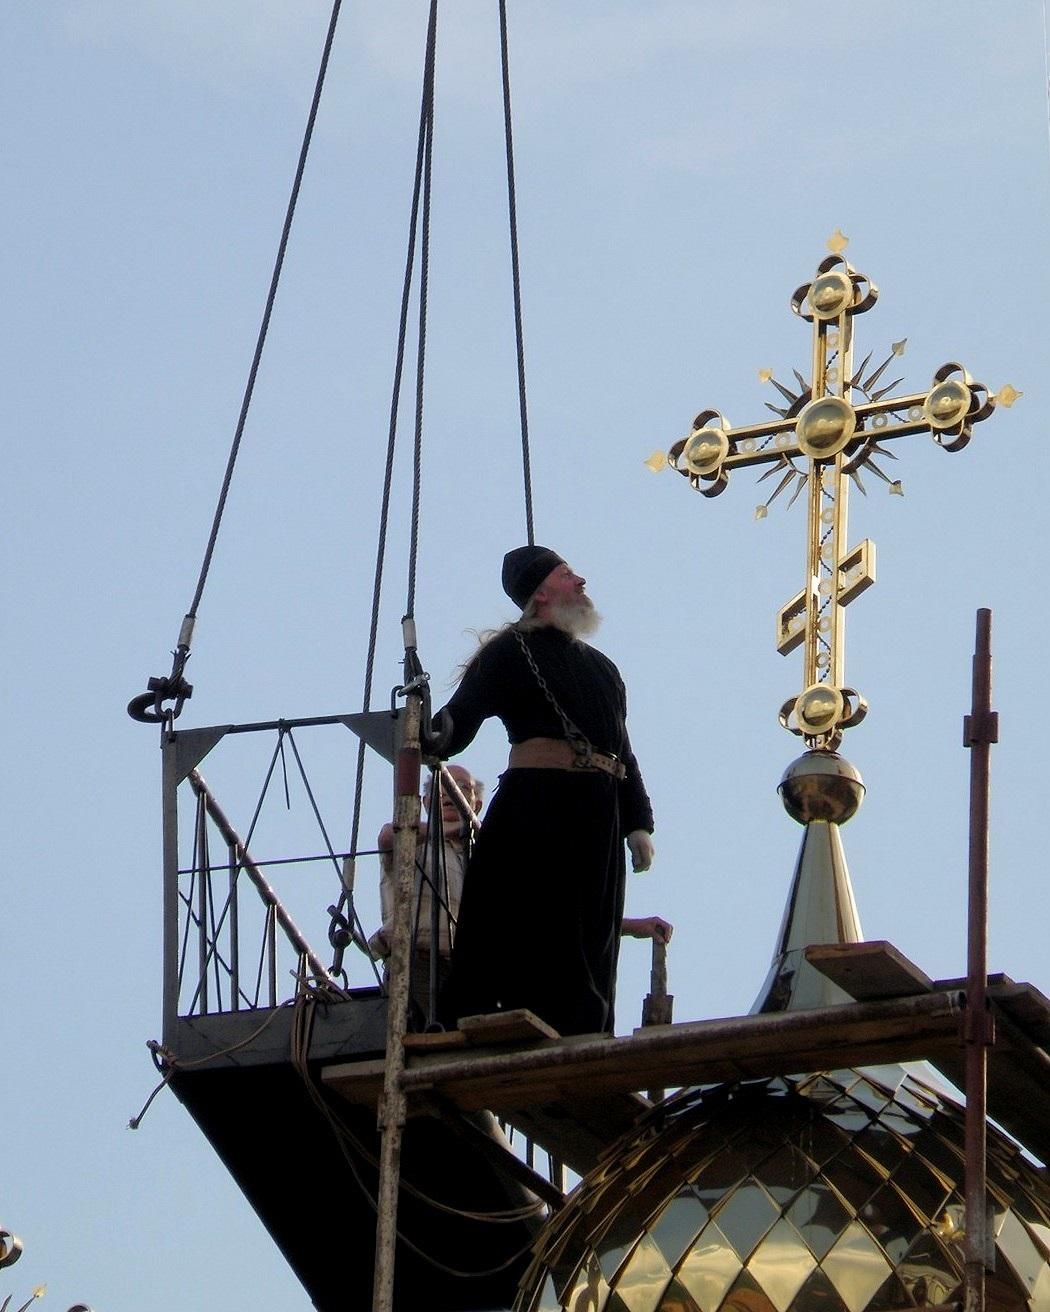 Смелый батюшка лично участвовал (на высоте 30-40 метров) в установлении крестов на купола Свято-Покровского монастыря (Голосеевская пустынь Киев).